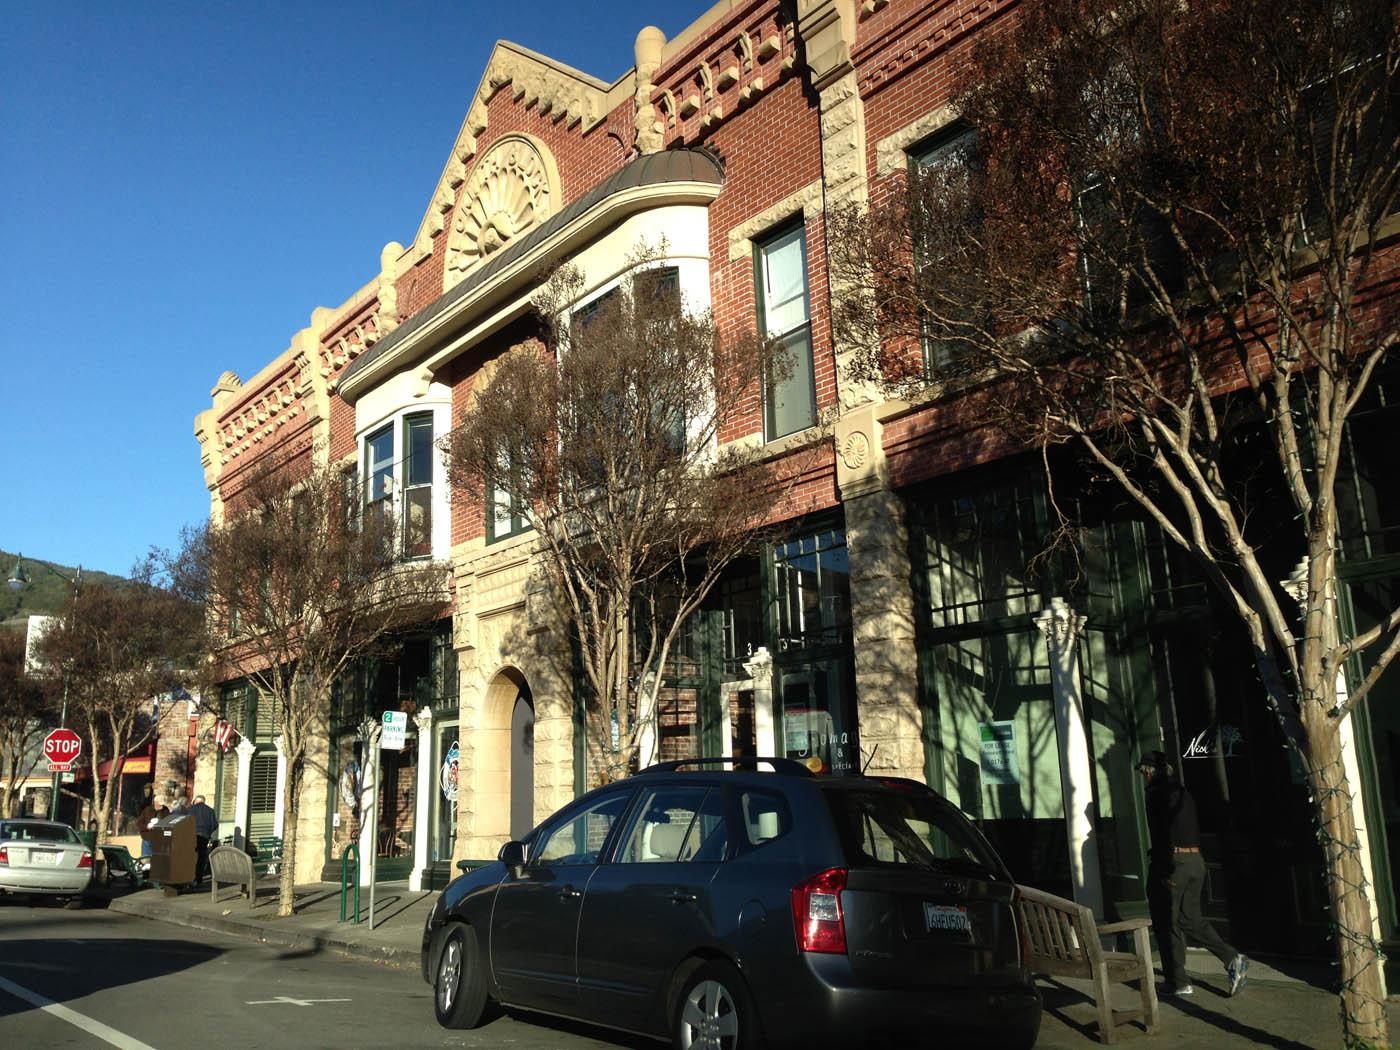 LG Main Street 1890s blockS